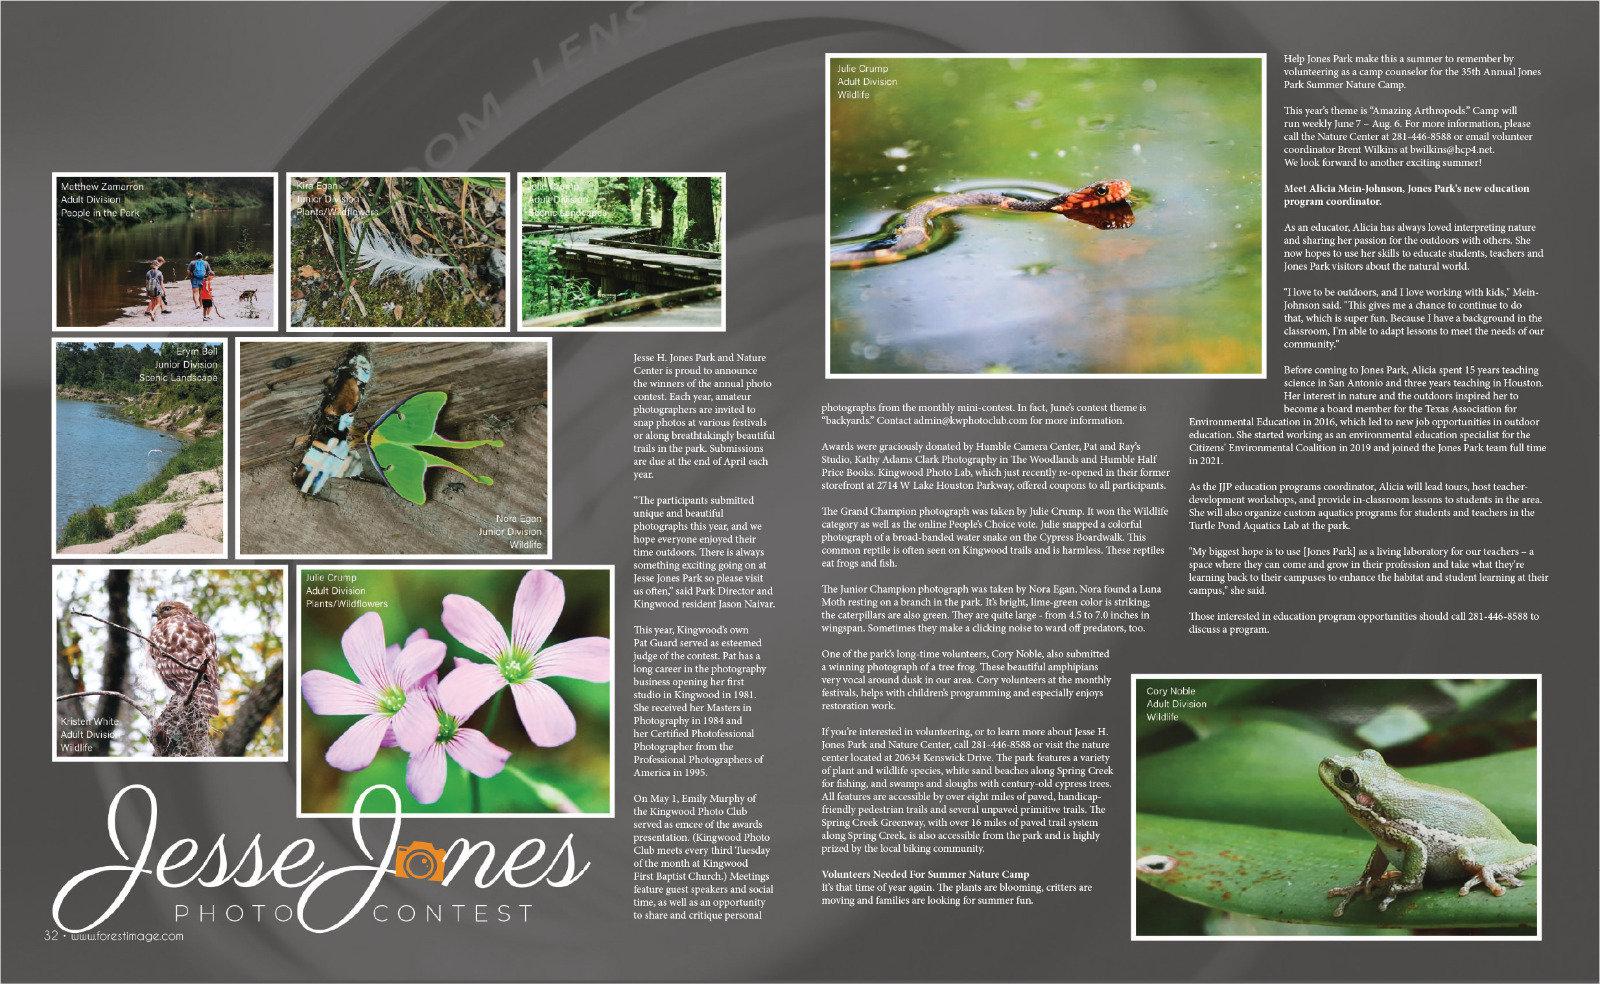 ForestIMAGE-0621-JesseJonesPHOTOCONTEST_